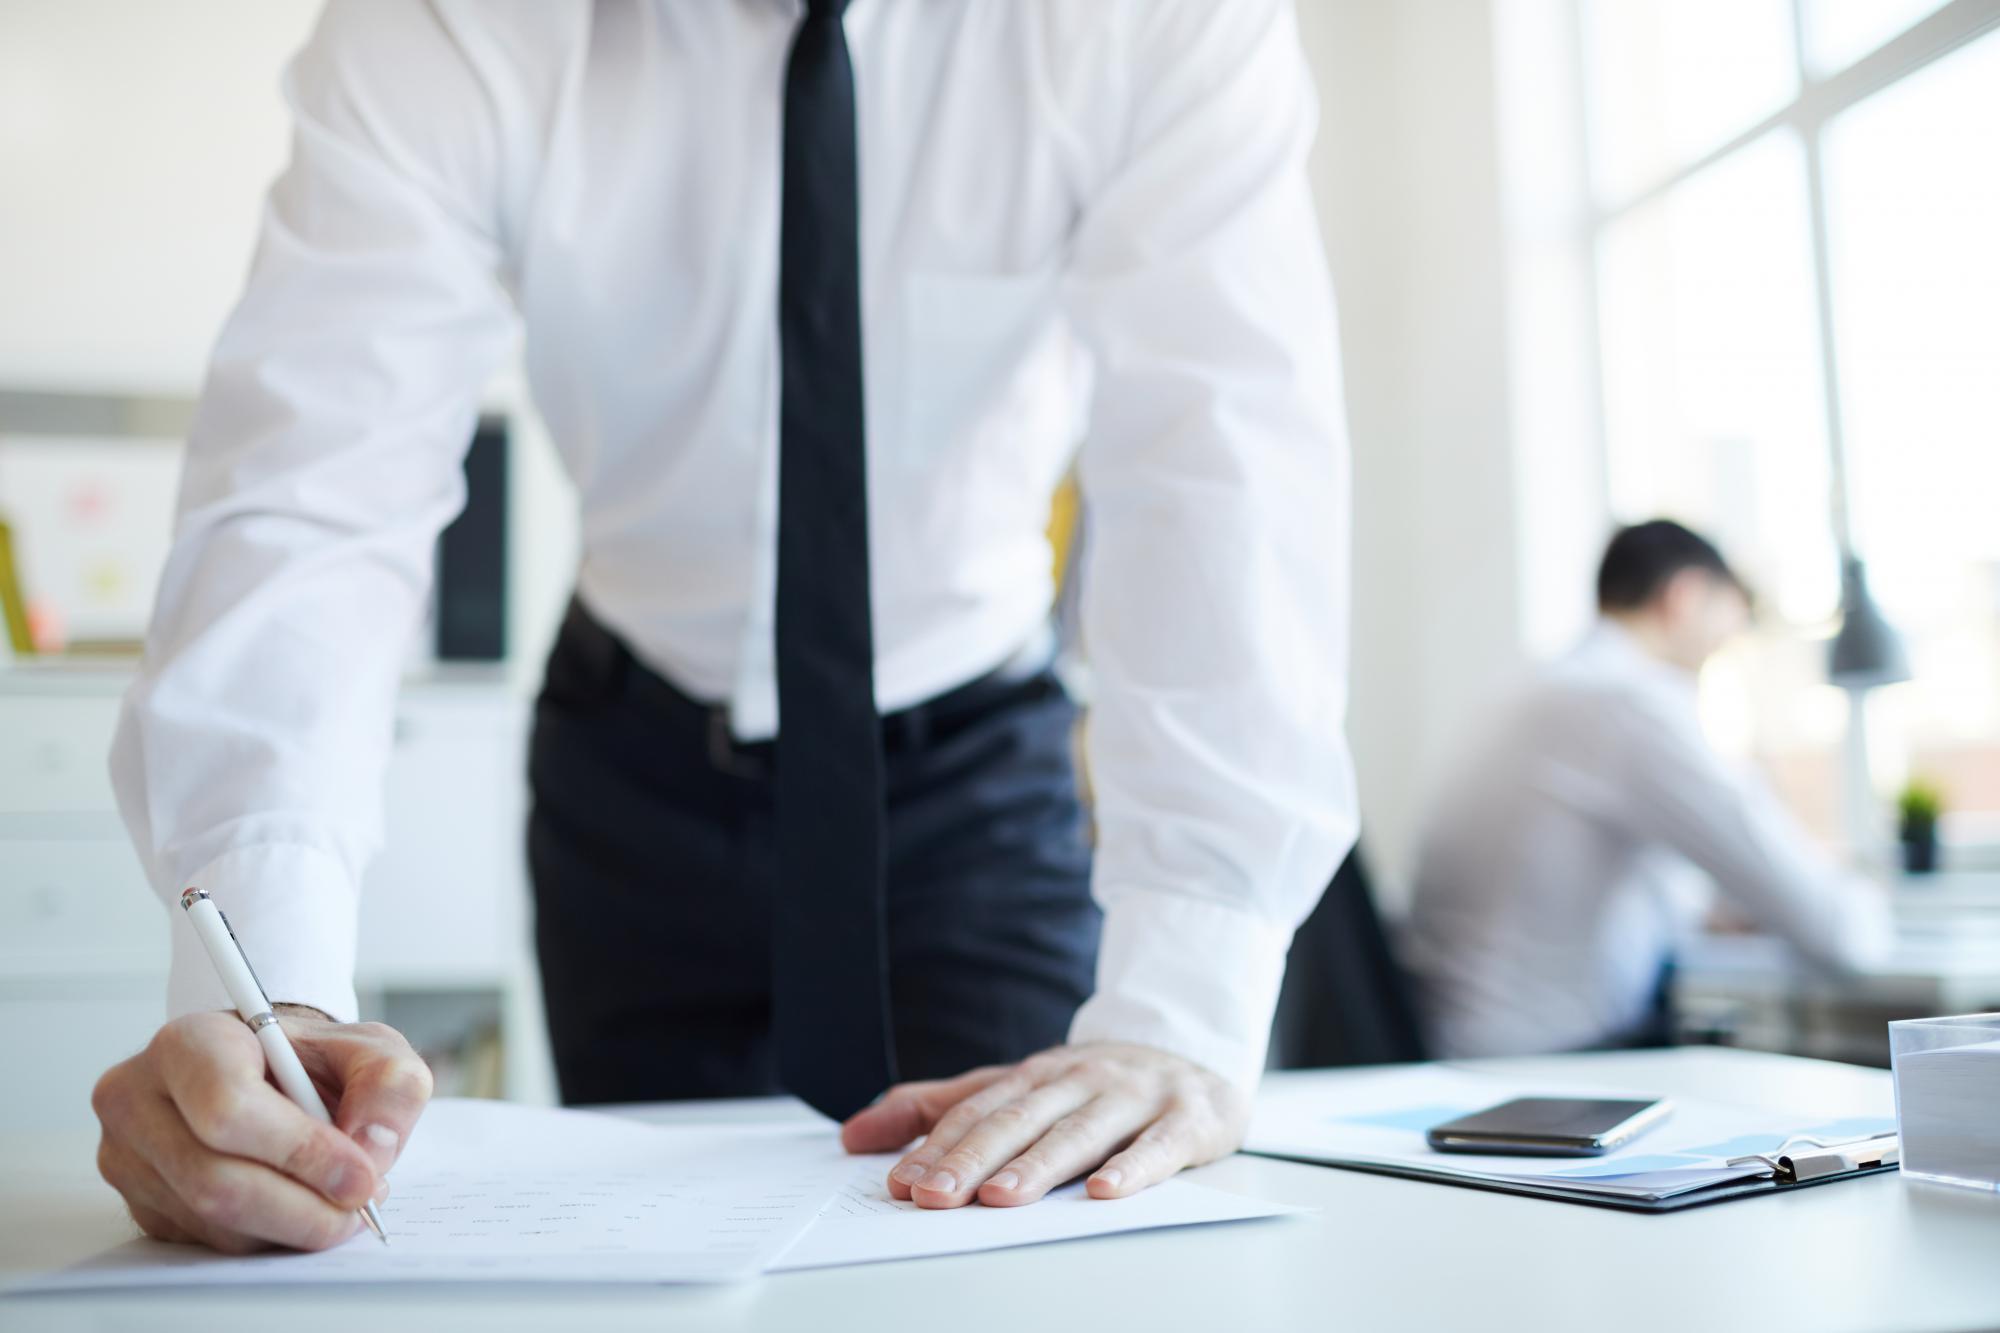 Директор фирмы вправе передать полномочия на подписание бухгалтерской отчетности иному лицу